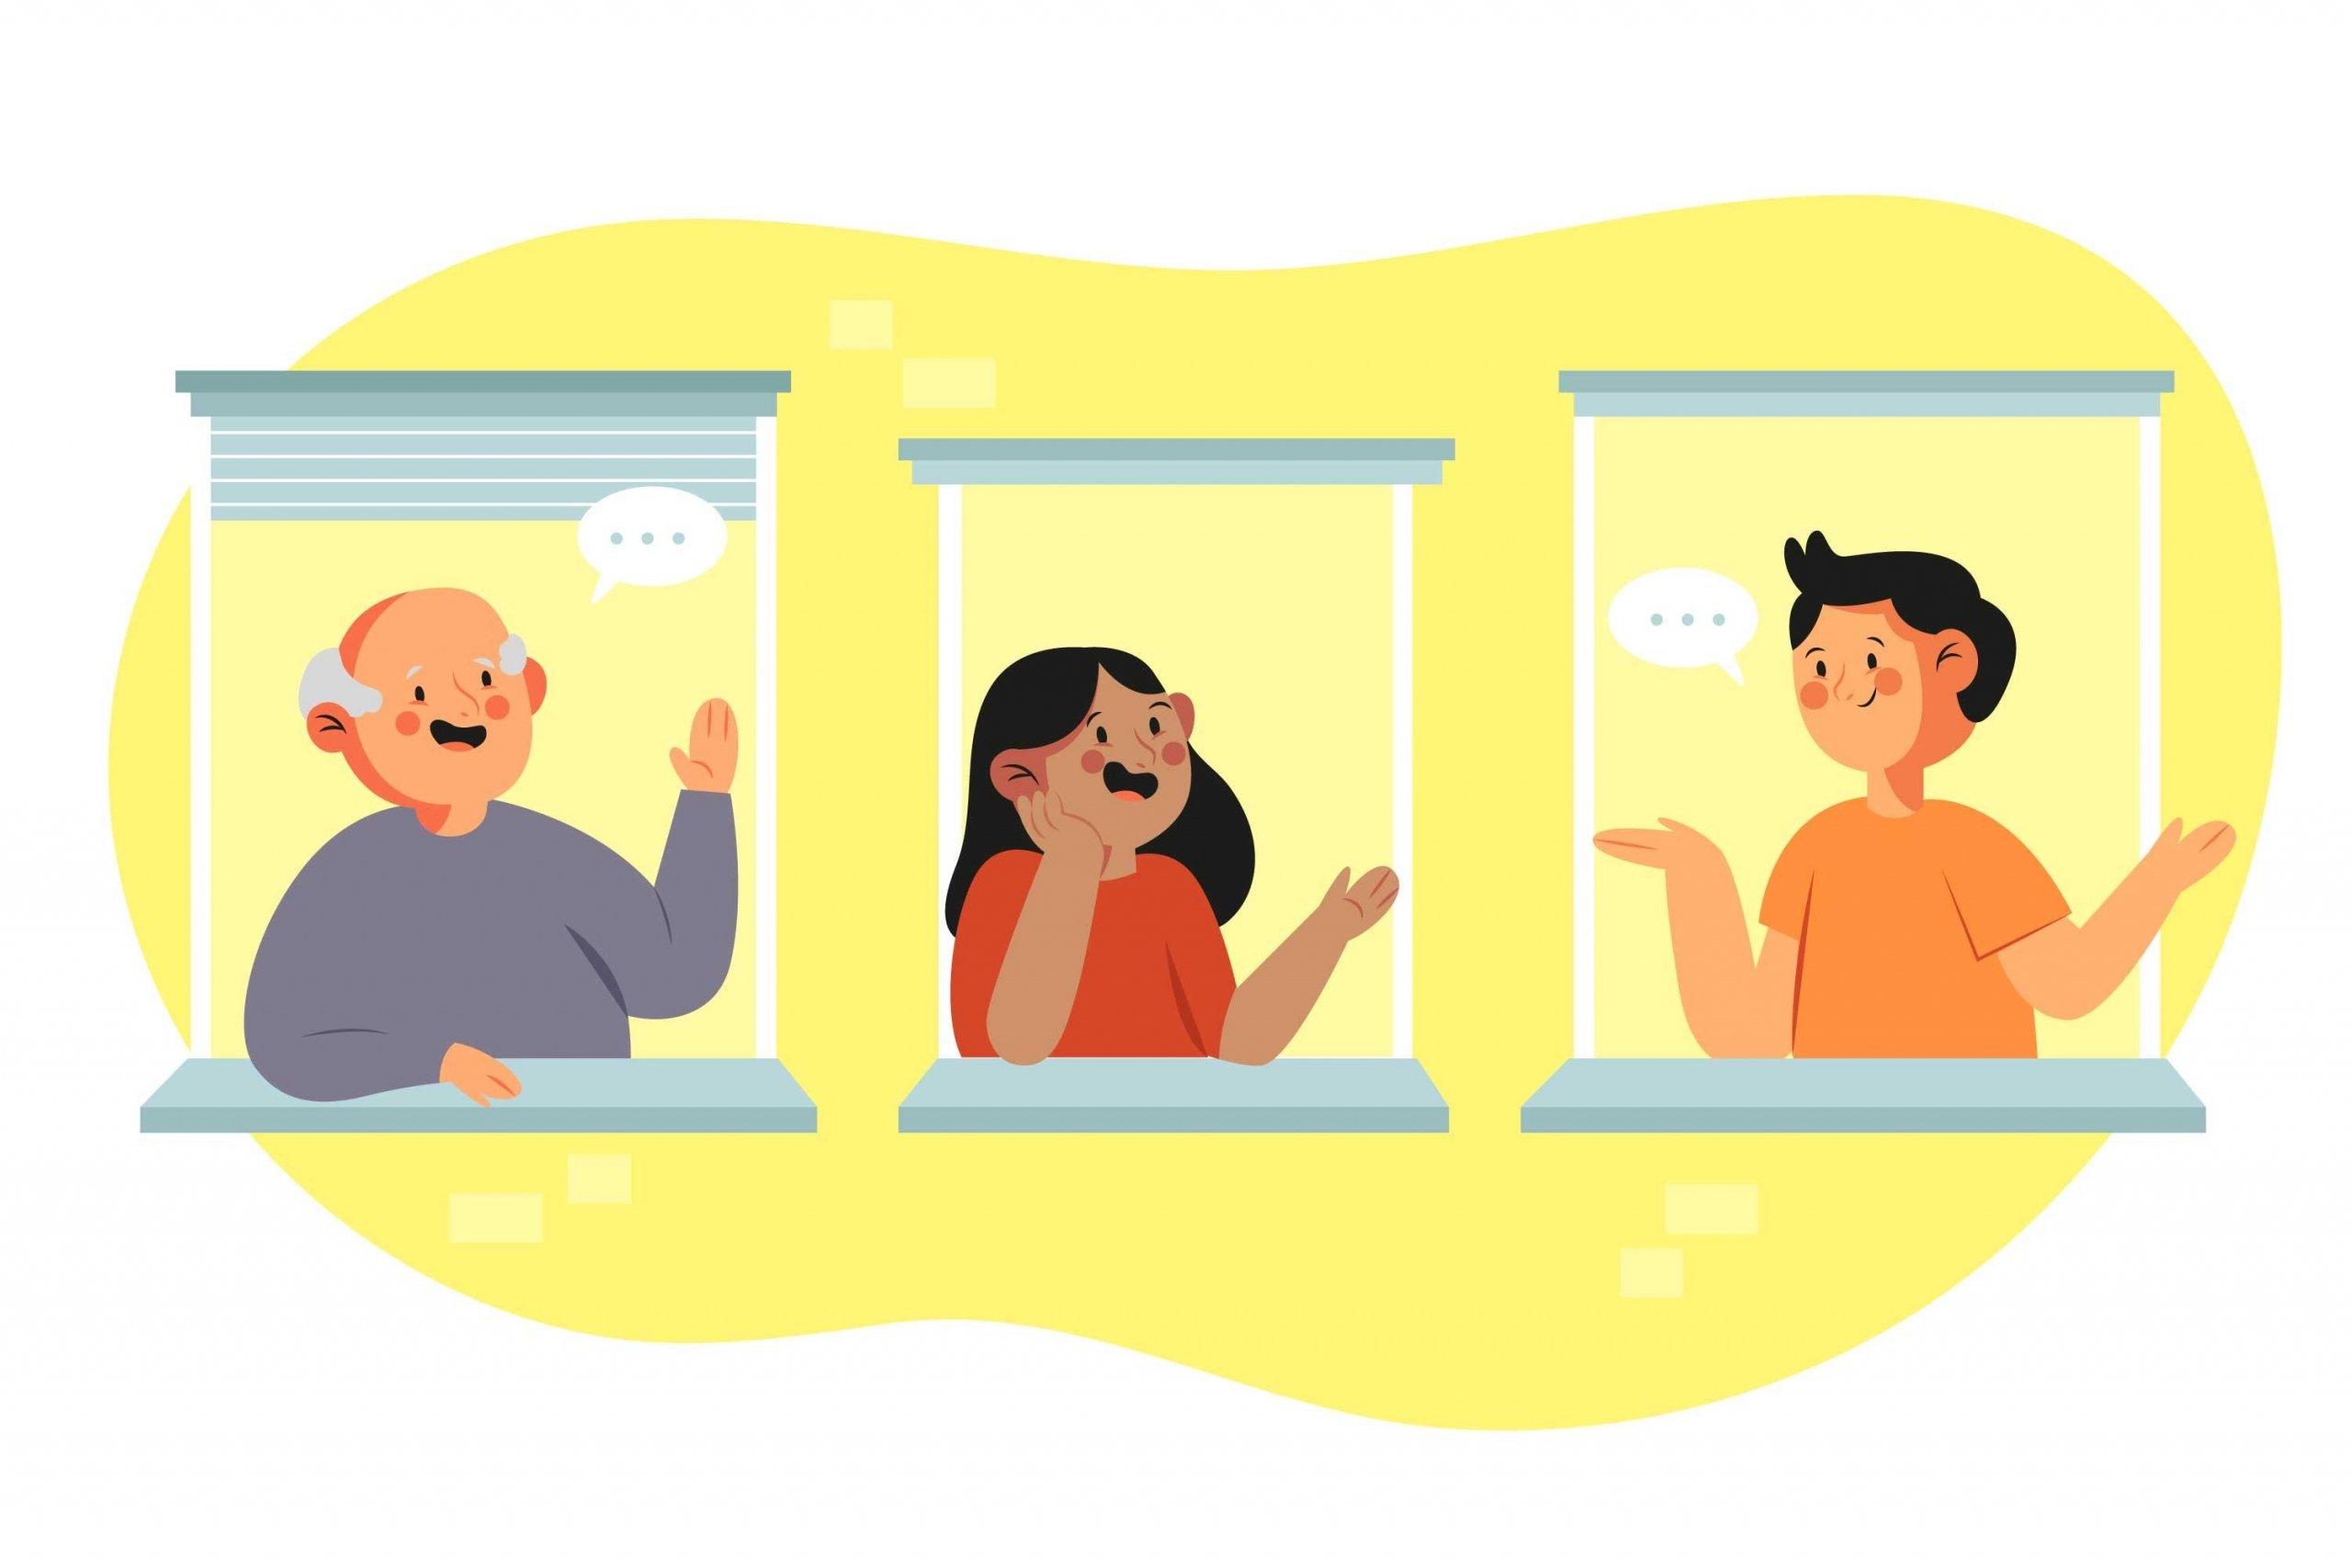 Ilustración en la que aparecen tres vecinos hablando desde sus balcones